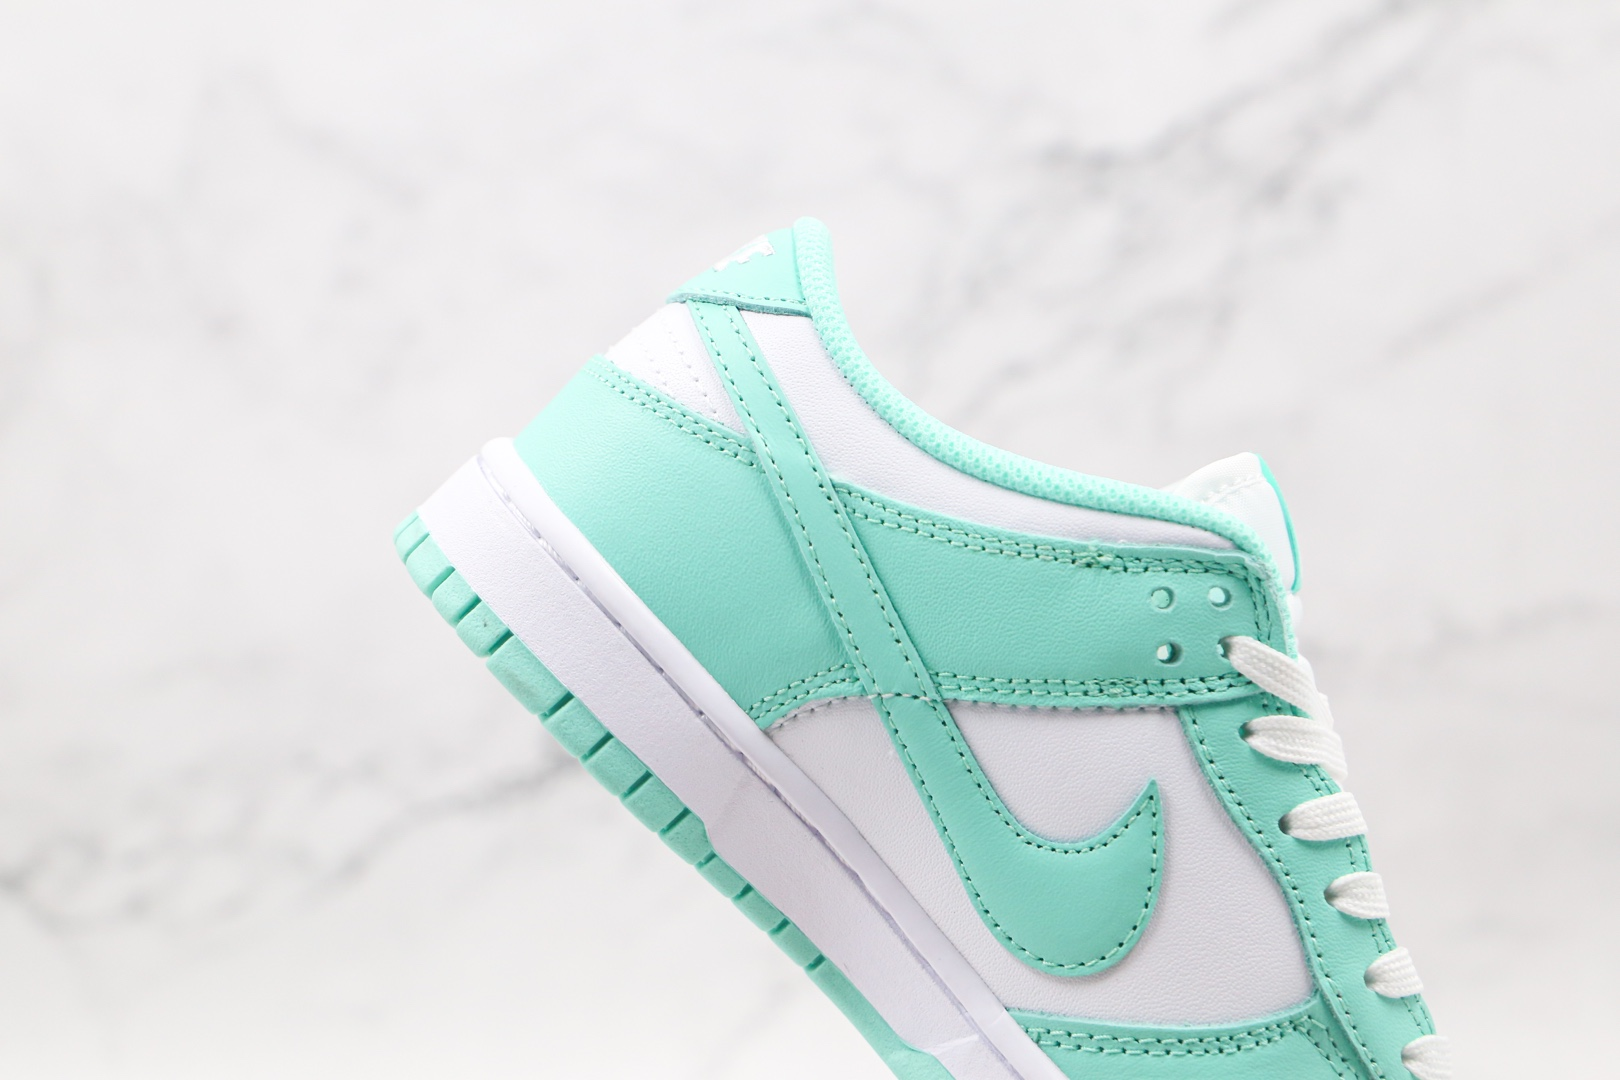 耐克Nike Dunk Low Green Glow纯原版本低帮SB DUNK蒂芙尼白绿配色板鞋原楦头纸板打造 货号:DD1503-105